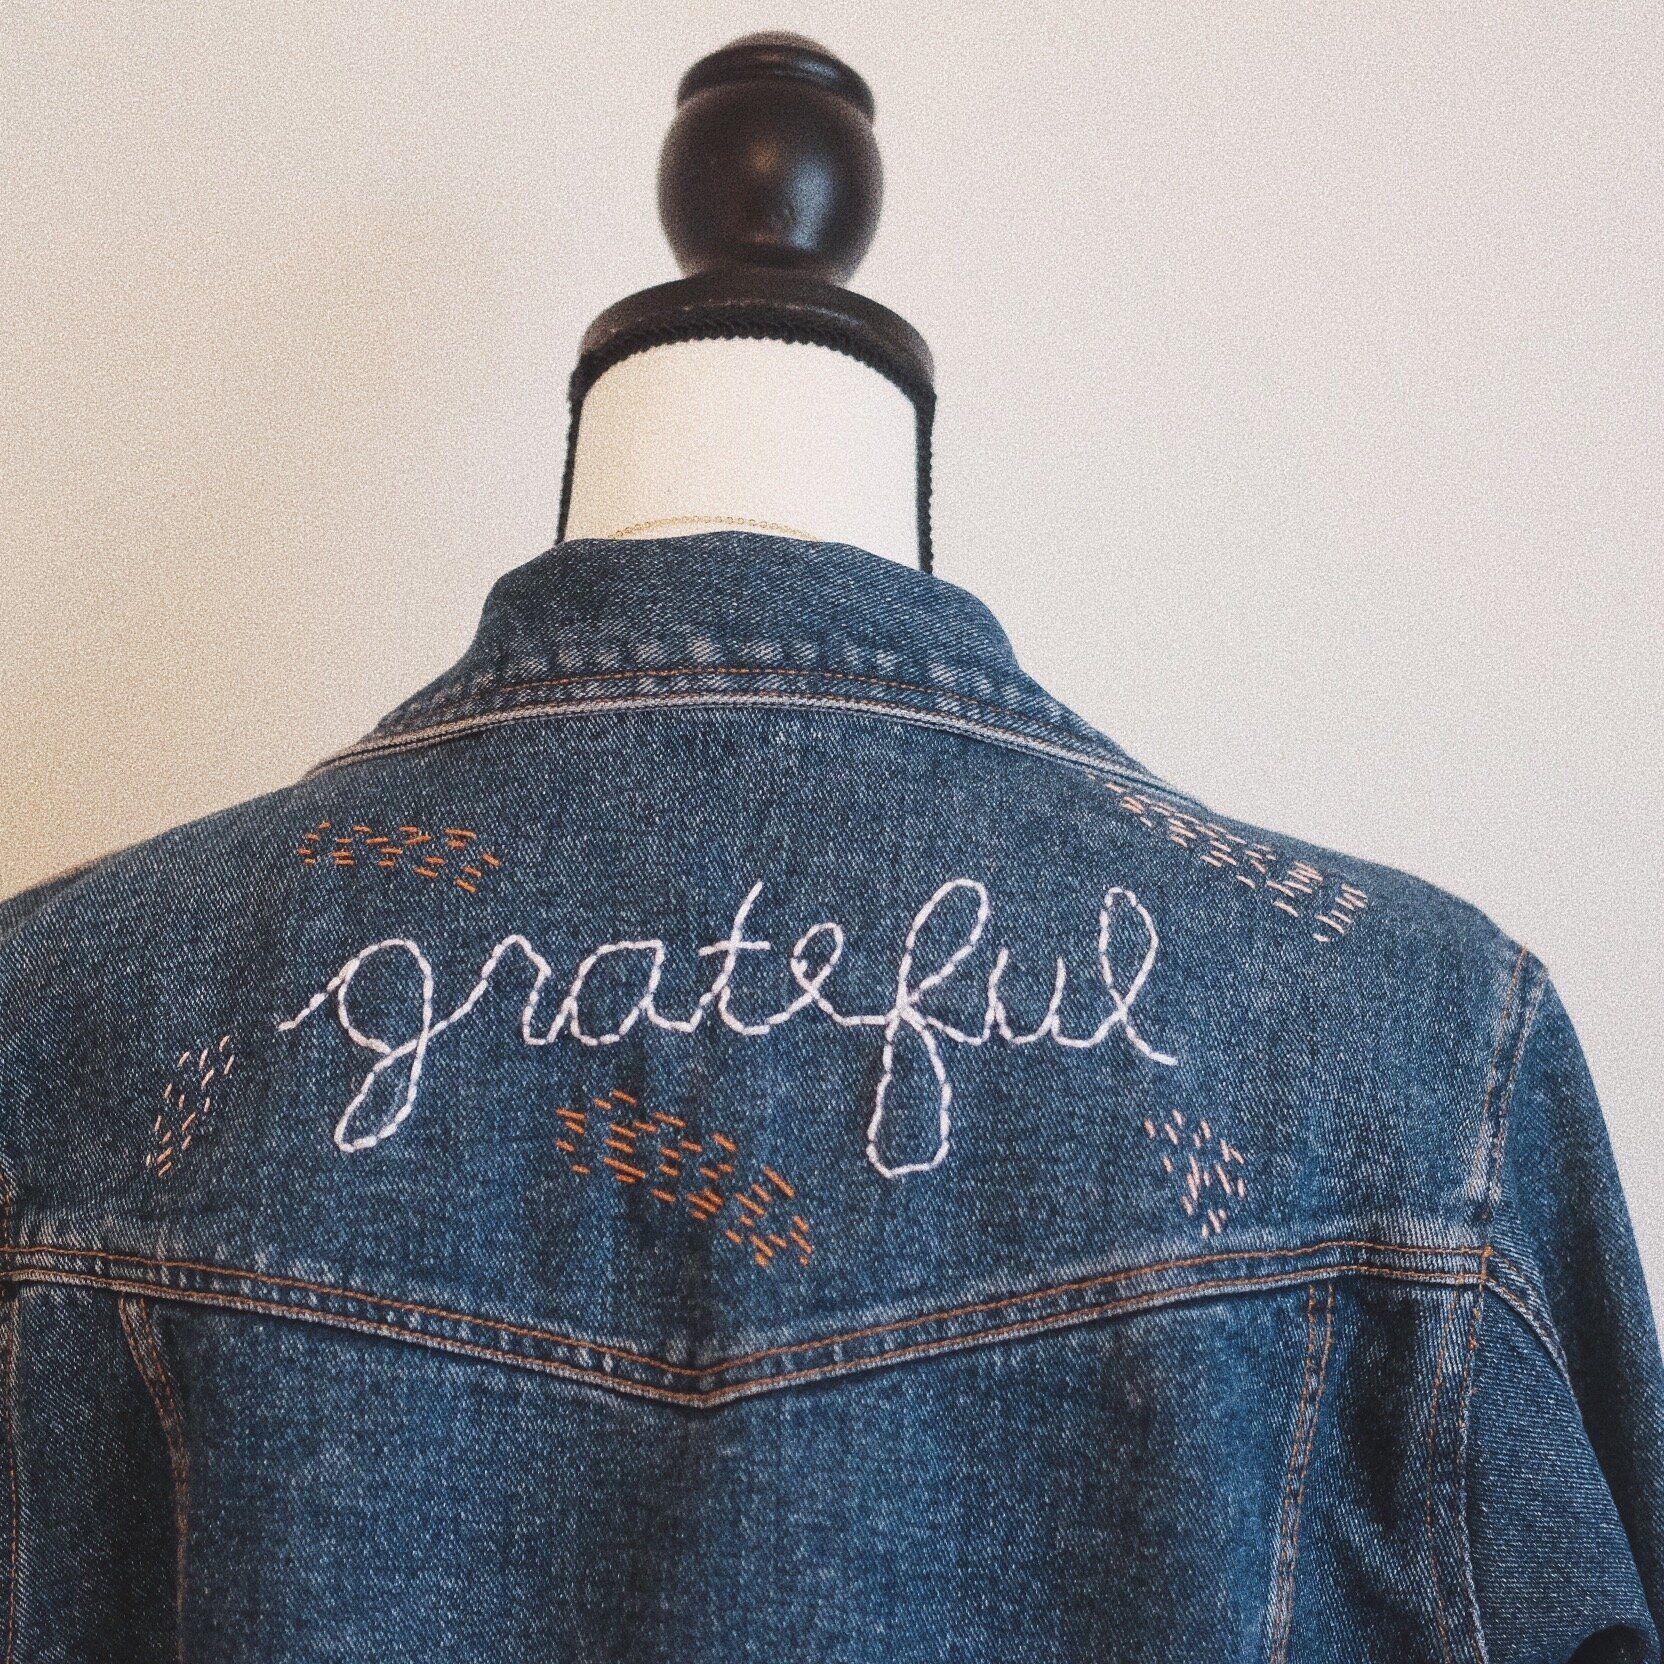 Hand Stitched Denim Vintage Jacket In 2020 Vintage Jacket Vintage Denim Jacket Wild Bags